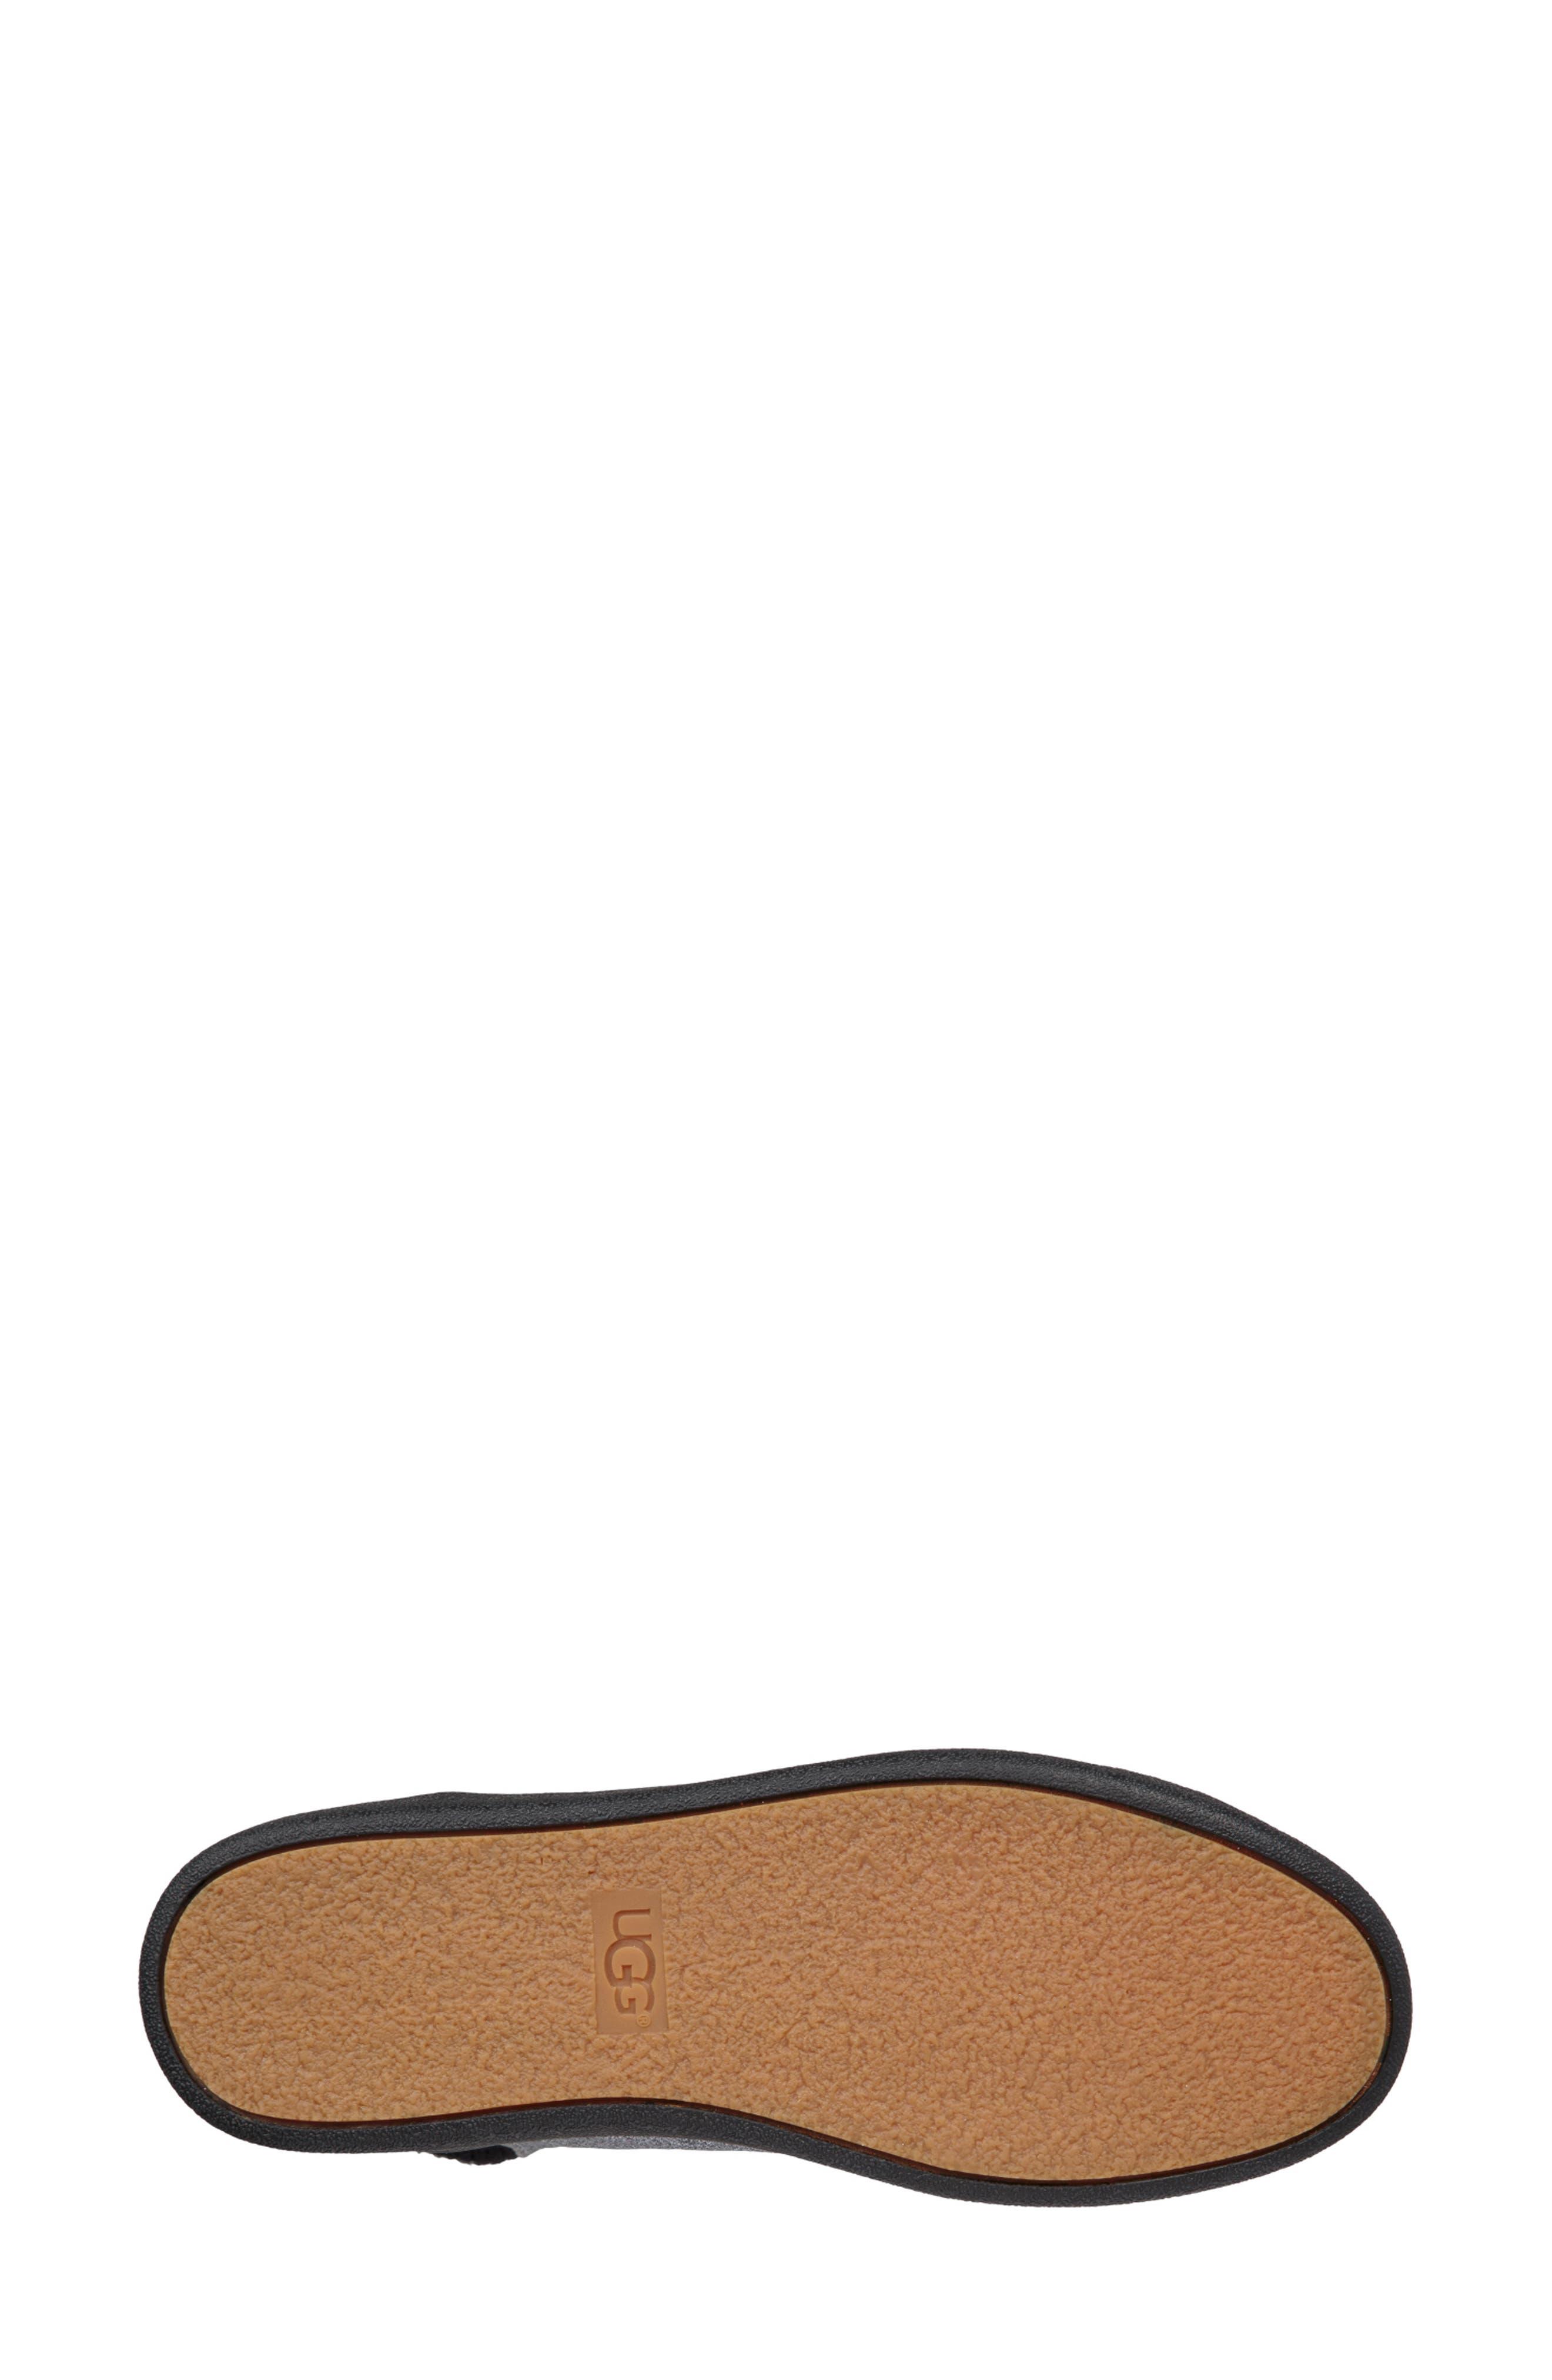 Olive Glitter Sneaker,                             Alternate thumbnail 5, color,                             GUNMETAL FABRIC